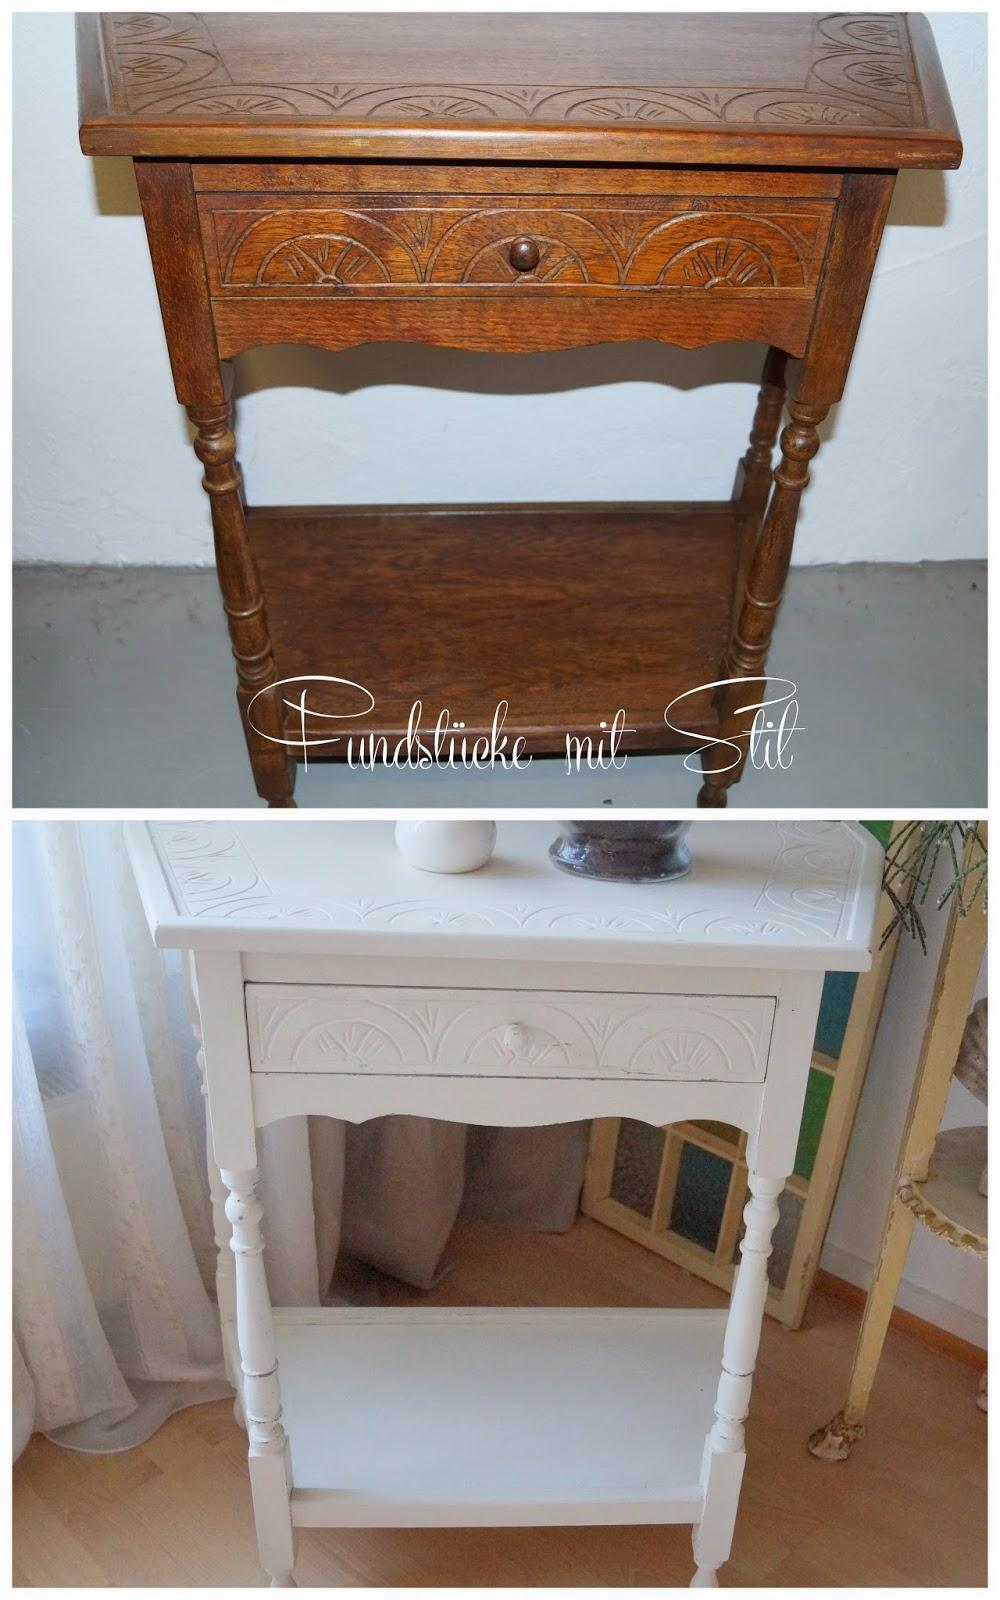 Alte Möbel Mit Kreidefarbe Streichen: Upcycle alter stuhl ...